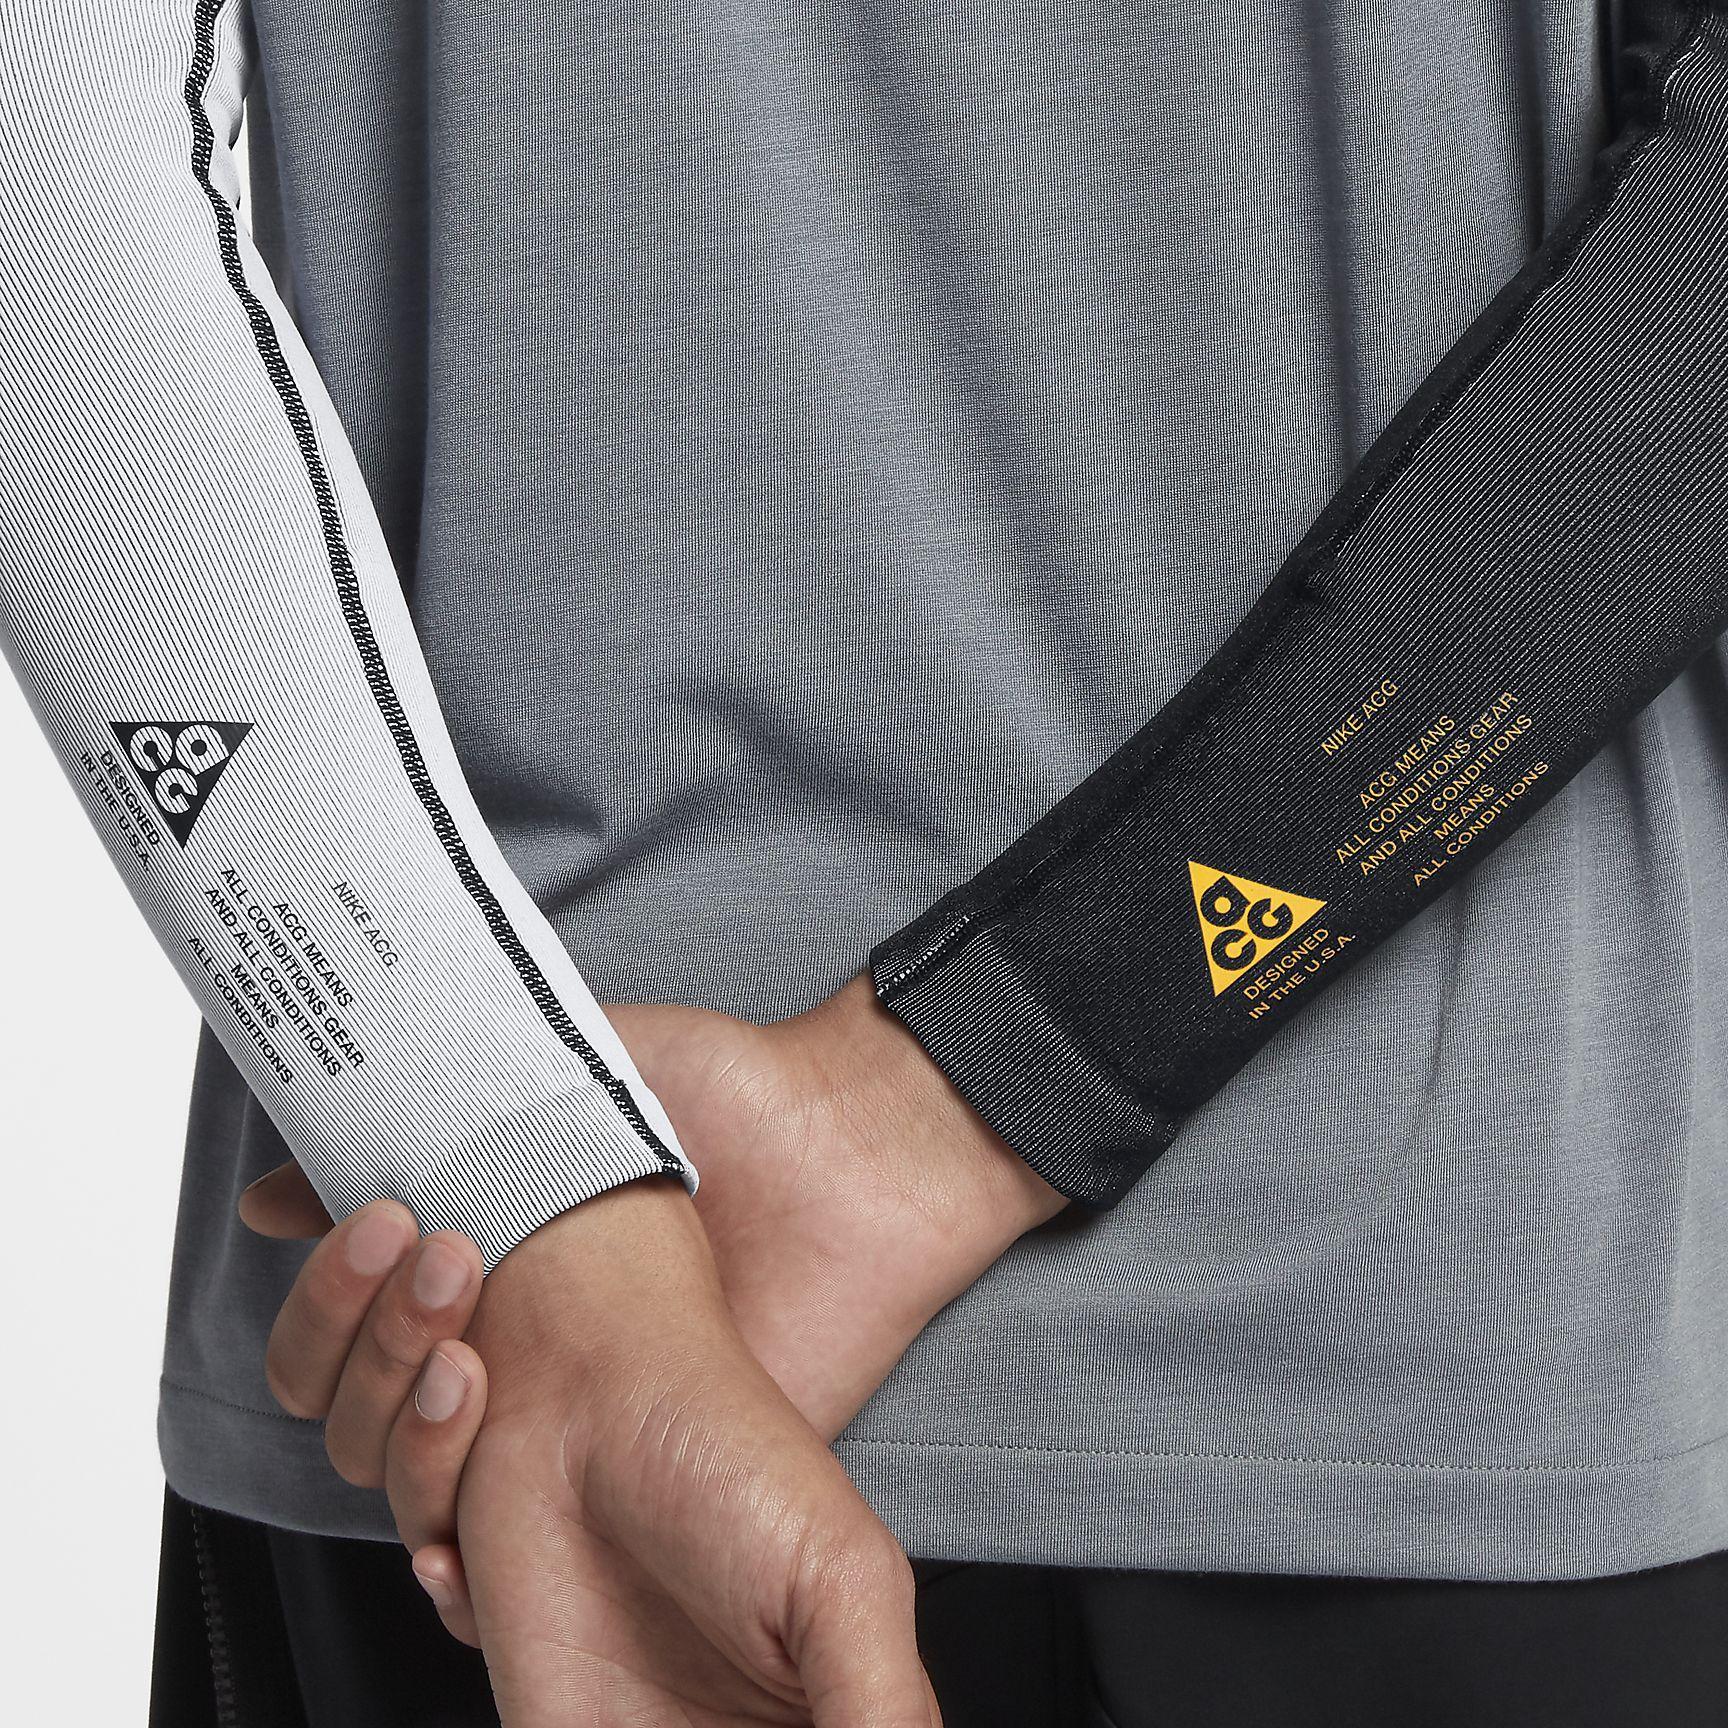 6e8a1b90 NikeLab ACG Men's Arm Sleeves | Apparel | Sneakers fashion, Fashion ...